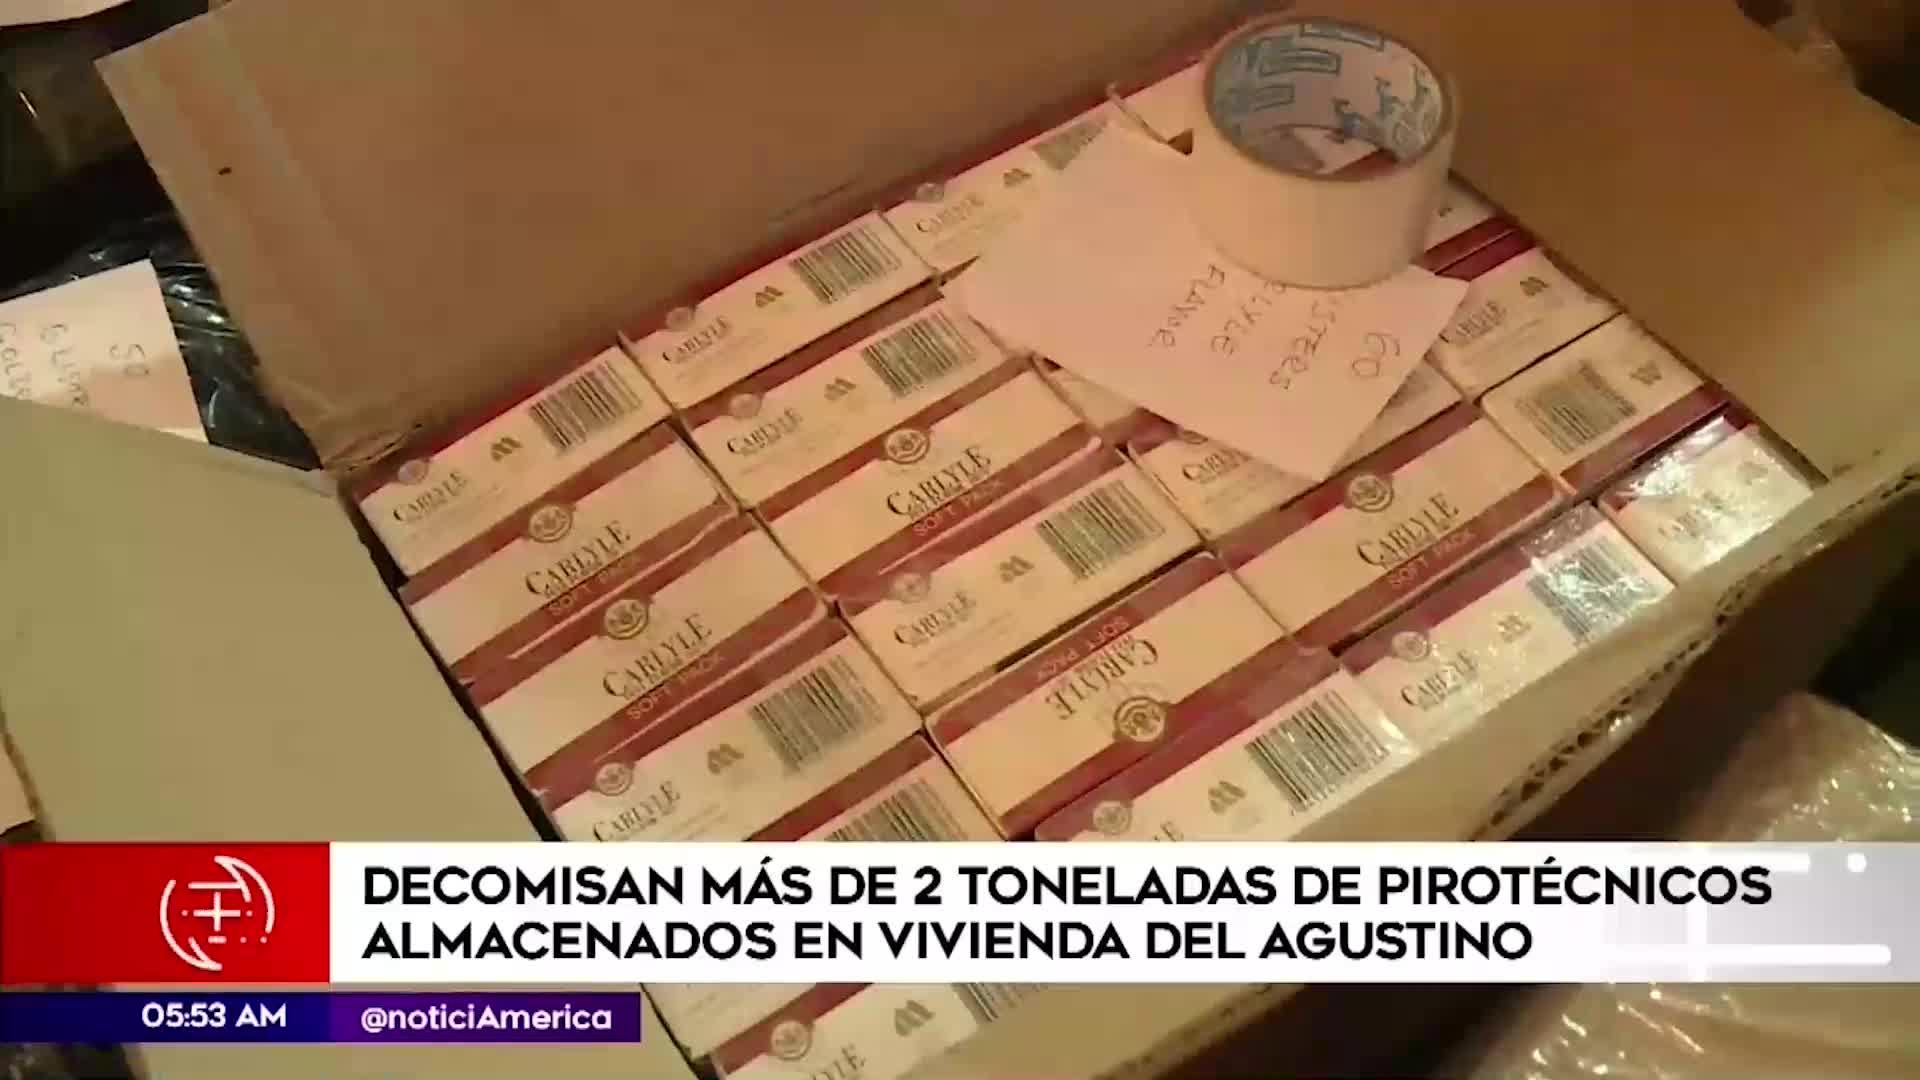 El Agustino: decomisan más de dos toneladas de pirotécnicos almacenados en una vivienda